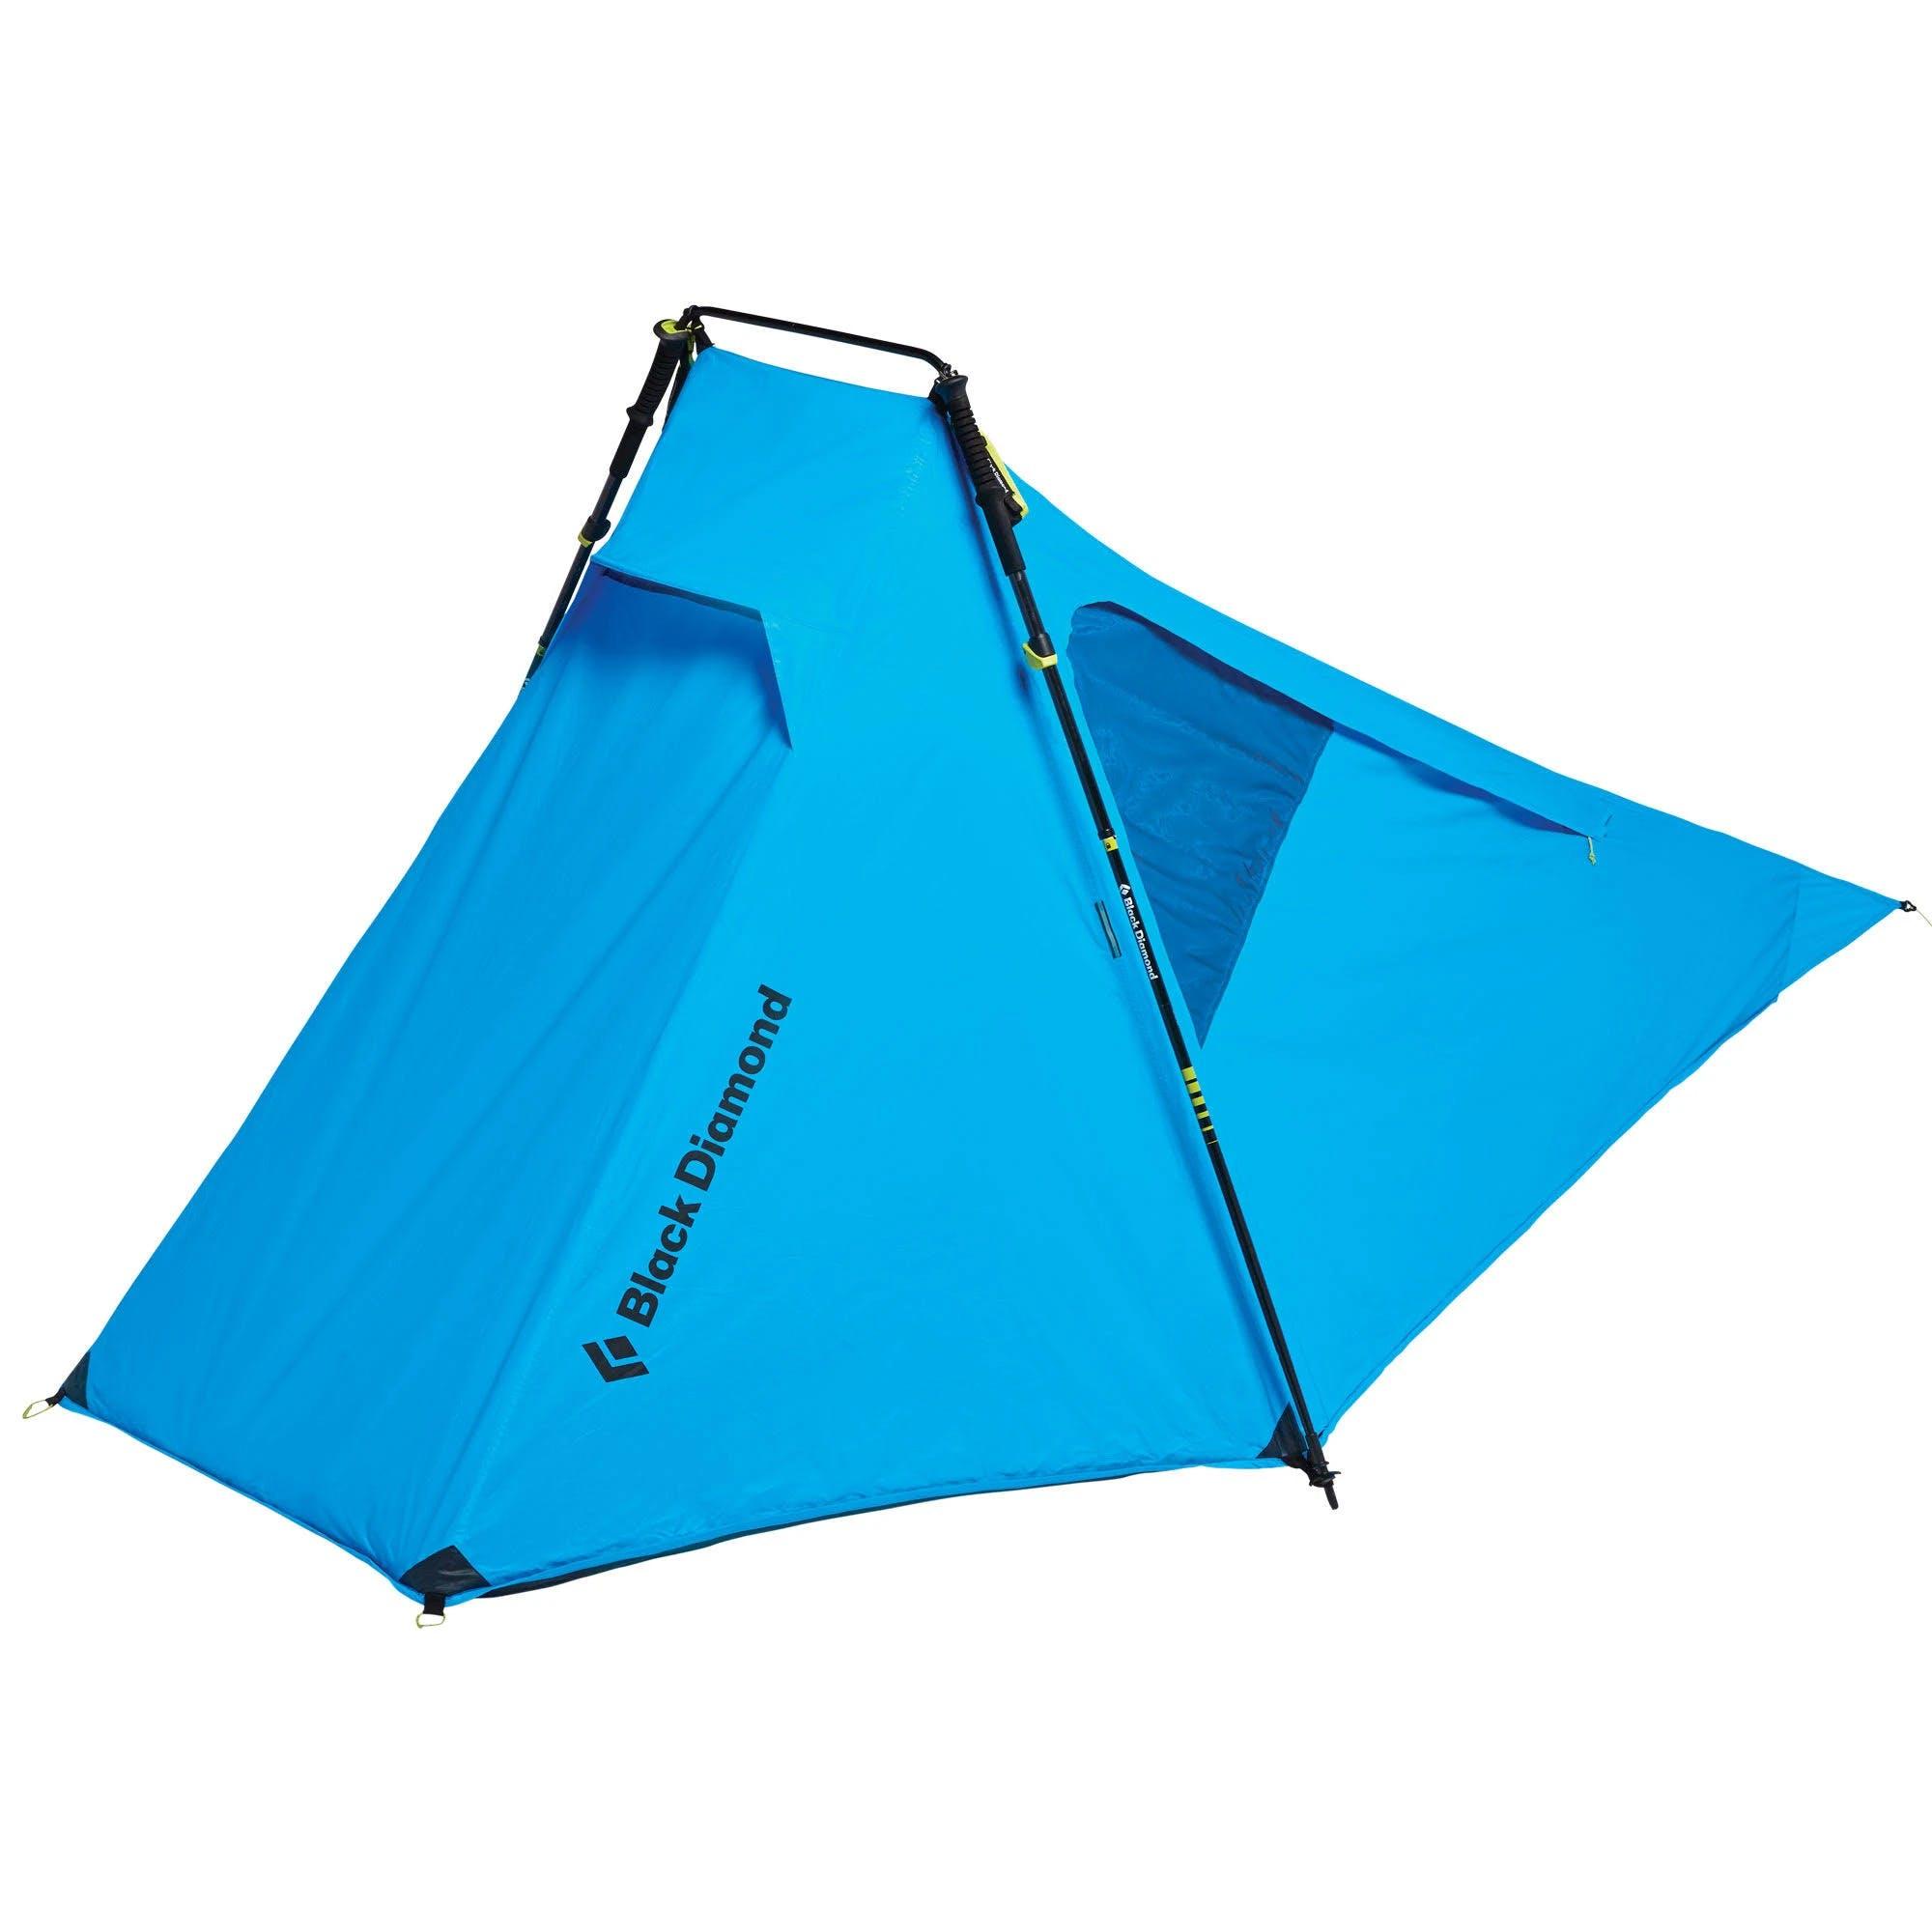 Black Diamond Distance Tent Distance Blue with Z Poles